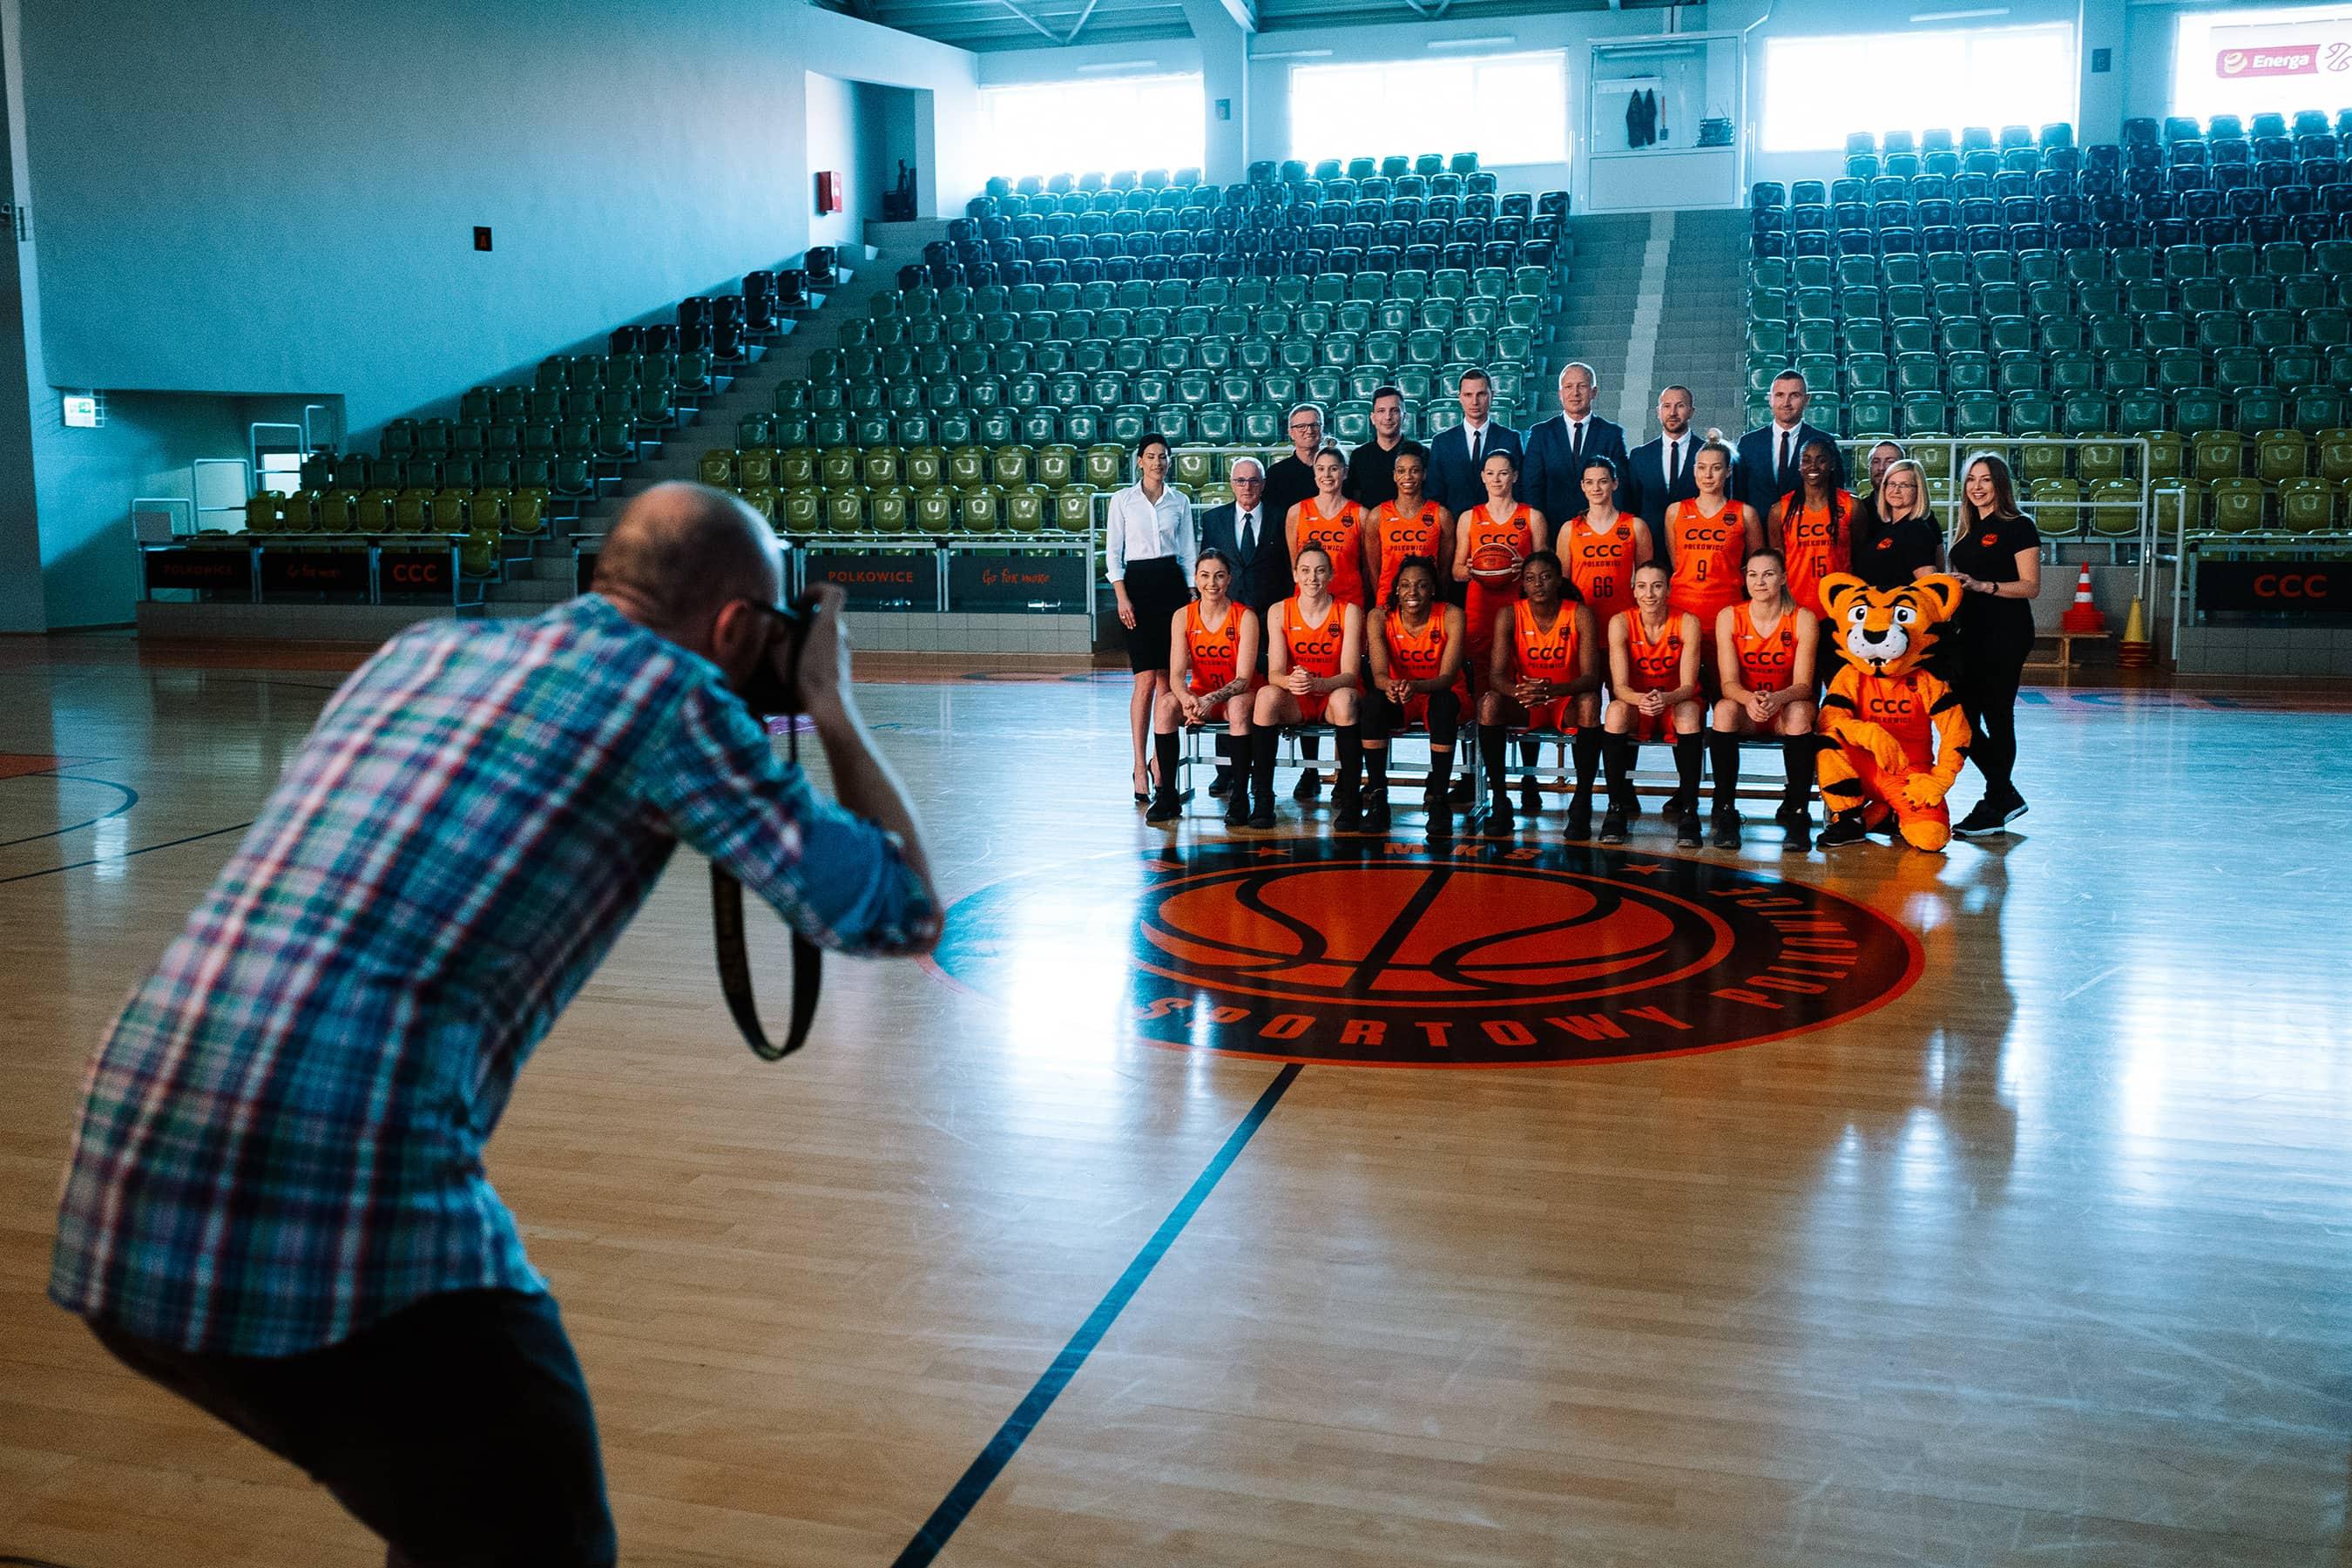 Sesja zdjęciowa dla klubu sportowego – backstage